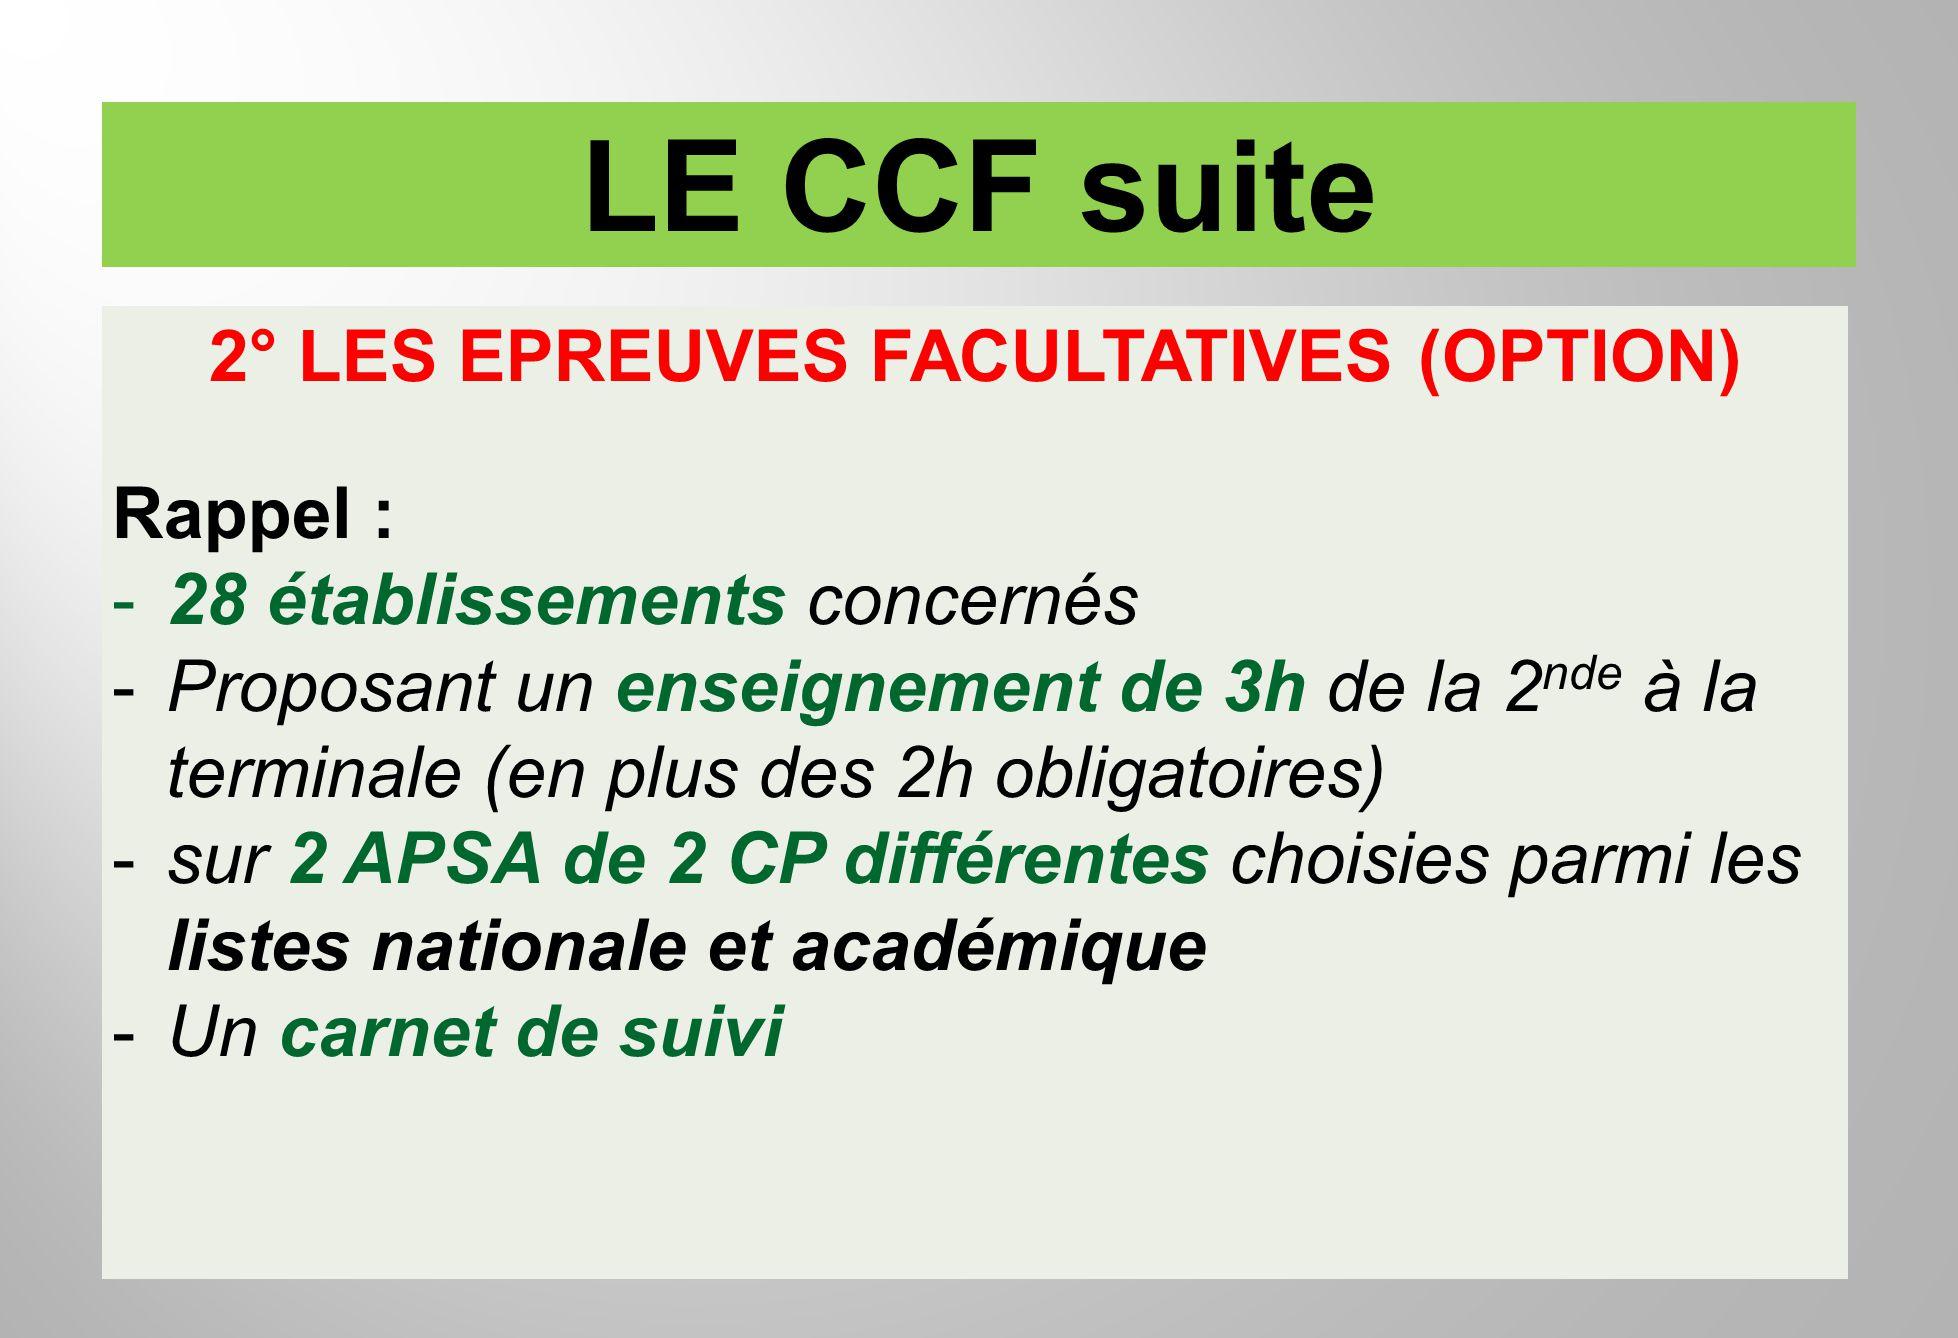 CCF option EVALUATION Co-évaluation et rattrapage PRESTATION Une PRESTATION physique: * 2 APSA de 2 CP différentes (80% de la note, soit 16 pts) * Au moins 1 APSA de la liste nationale (31 APSA); * 1 APSA peut appartenir à lensemble certificatif de lenseignement commun; * Niveau 5 exigé, pour les 2 APSA.